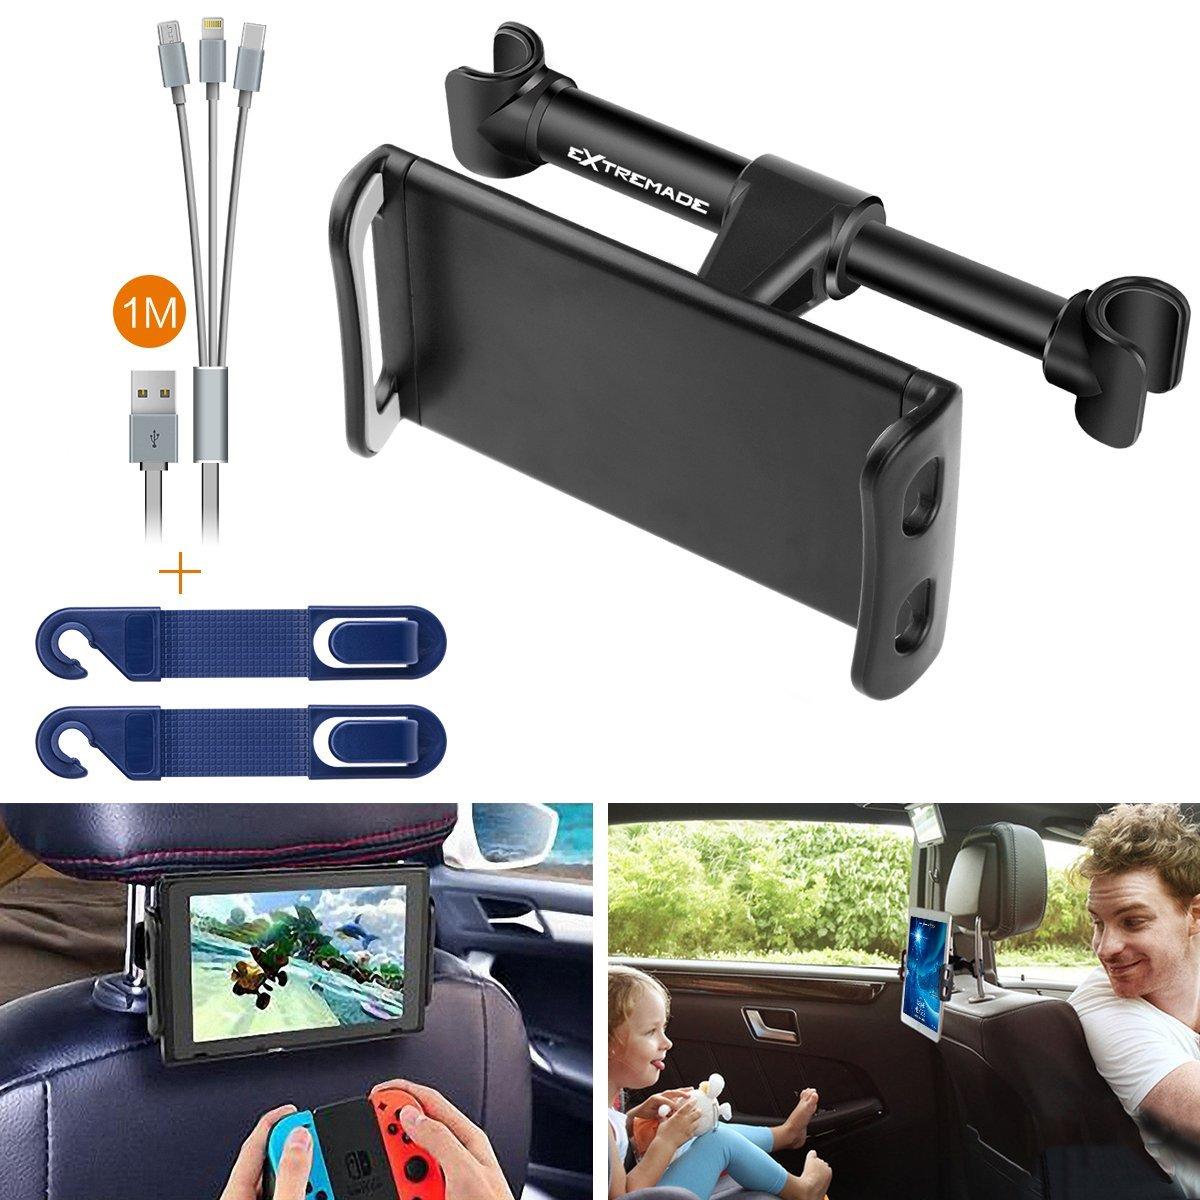 Soporte Nintendo Switch (reposacabezas del coche) imagen